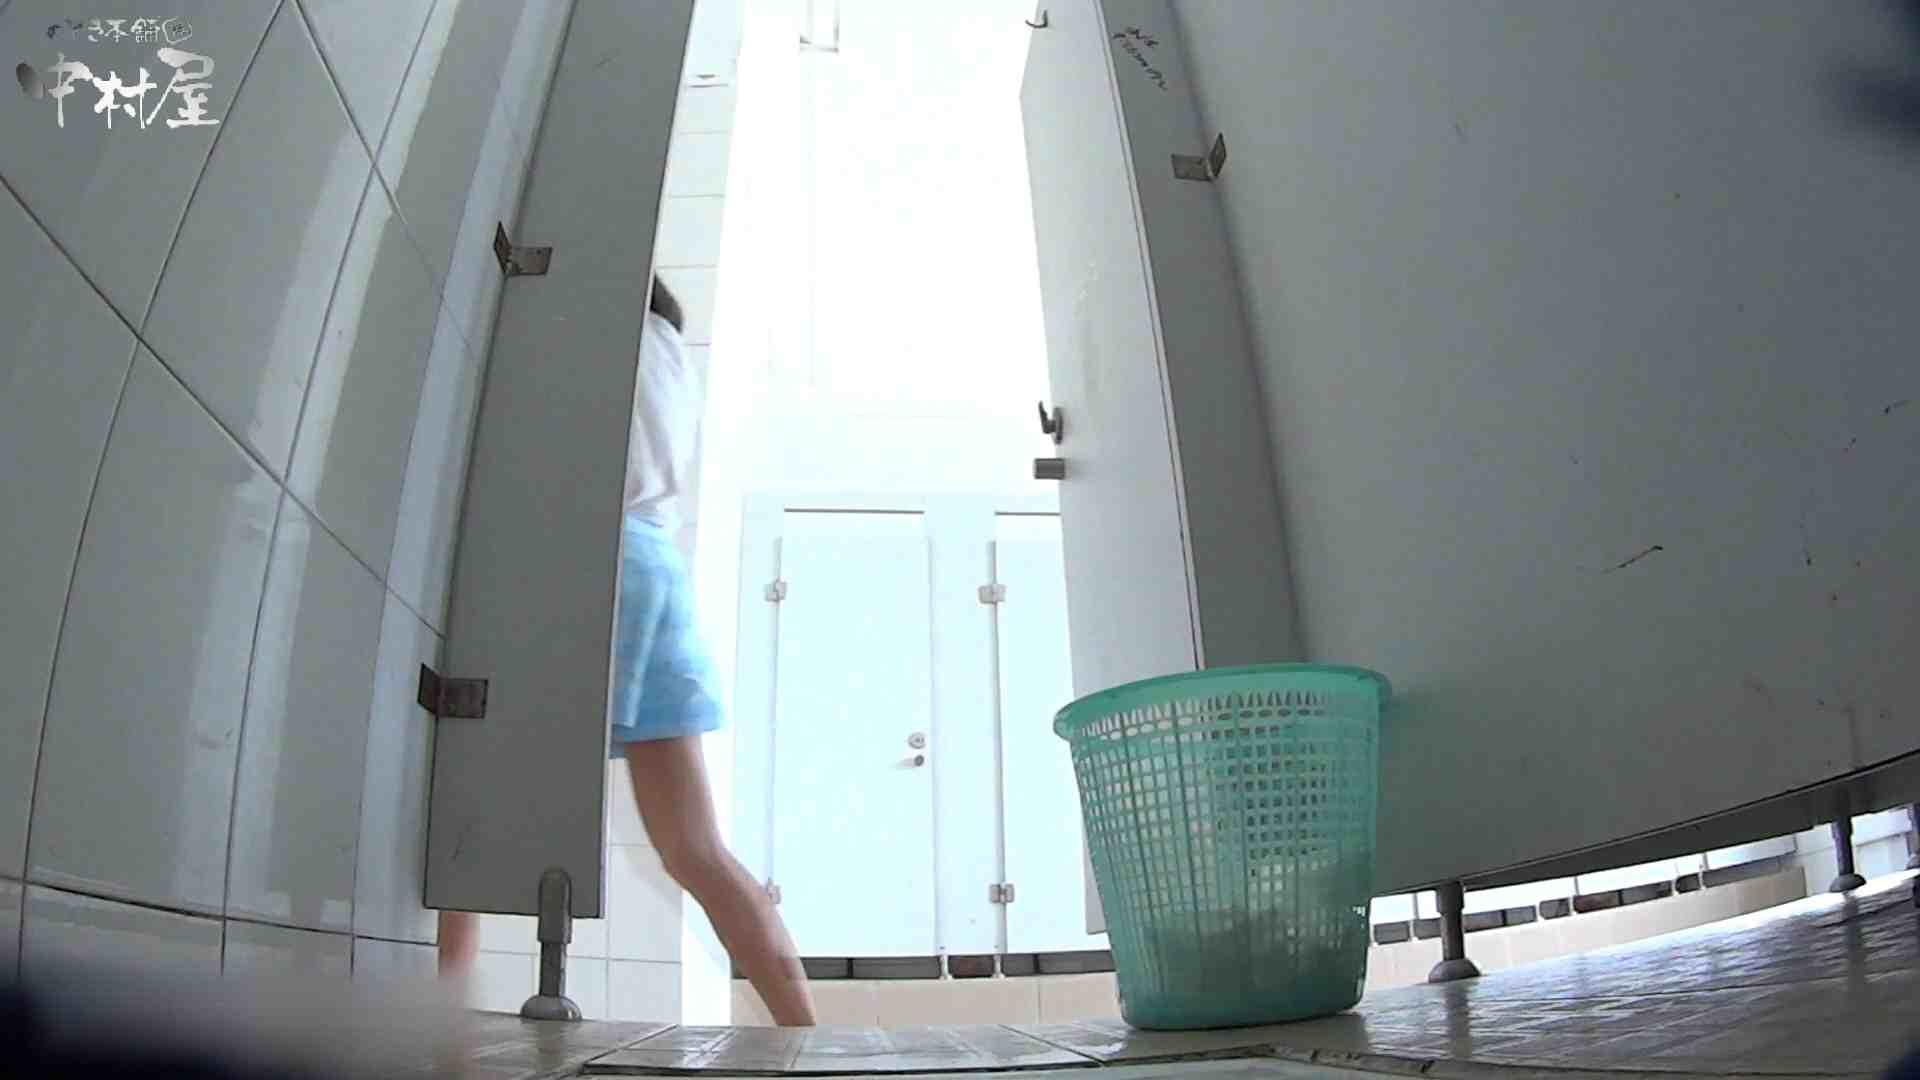 美しい女良たちのトイレ事情 有名大学休憩時間の洗面所事情06 美女ヌード AV無料動画キャプチャ 110画像 17